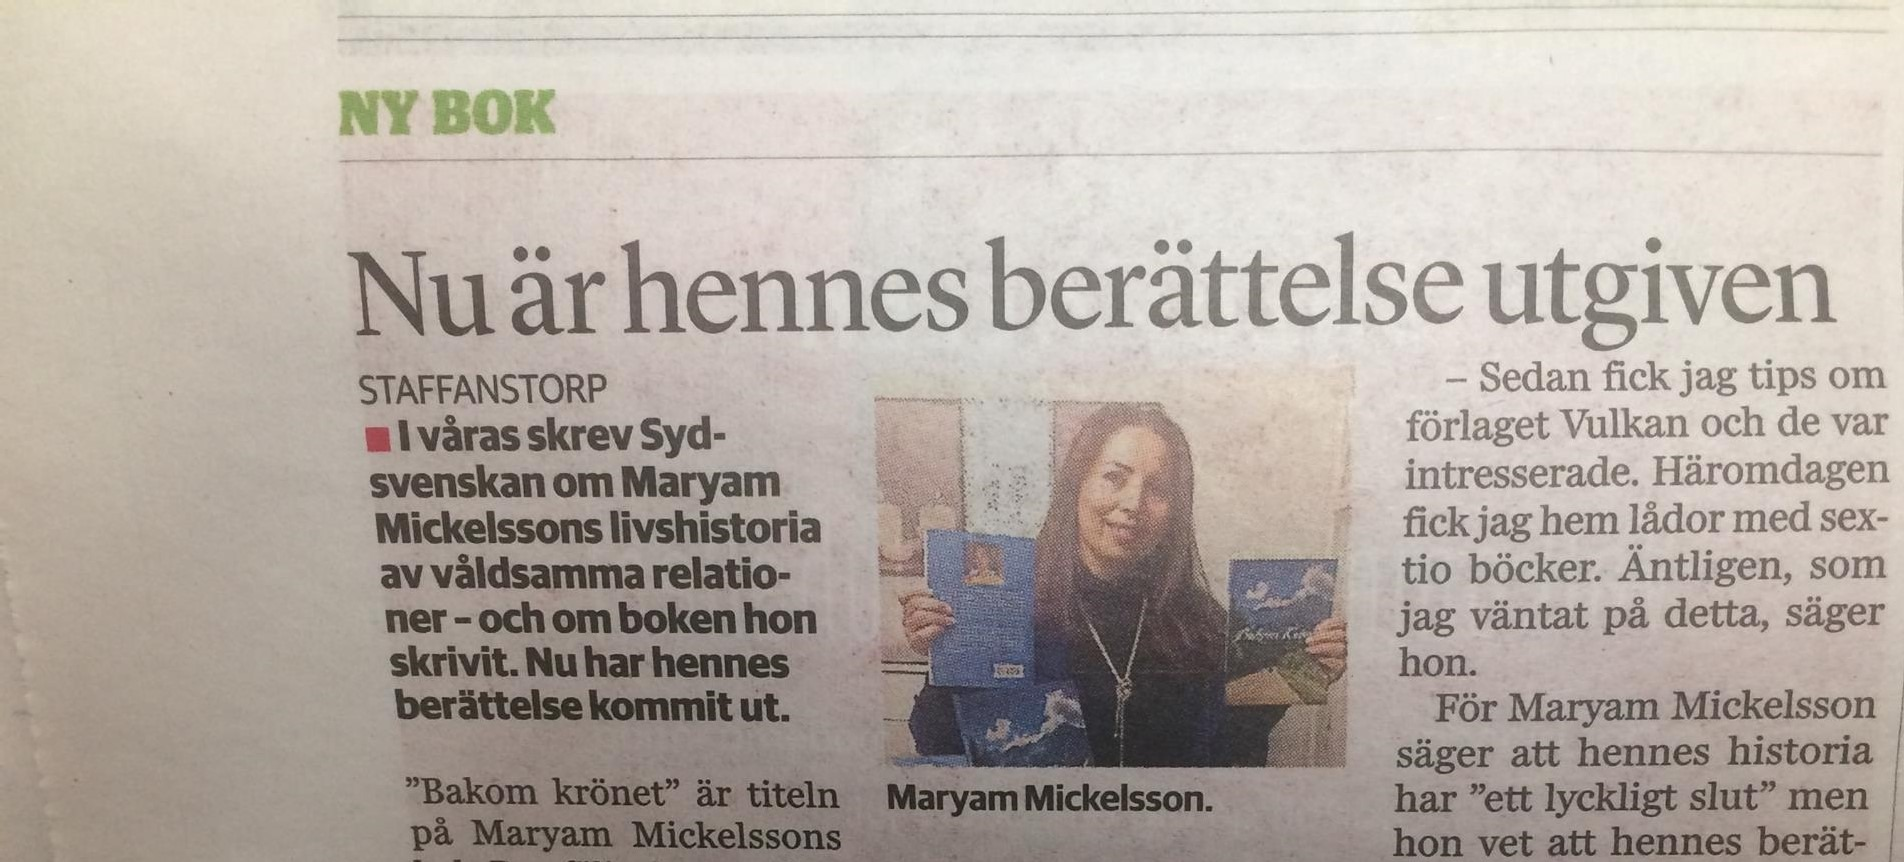 Sydsvenskan skriver om Maryam Mickelsson och Vulkan